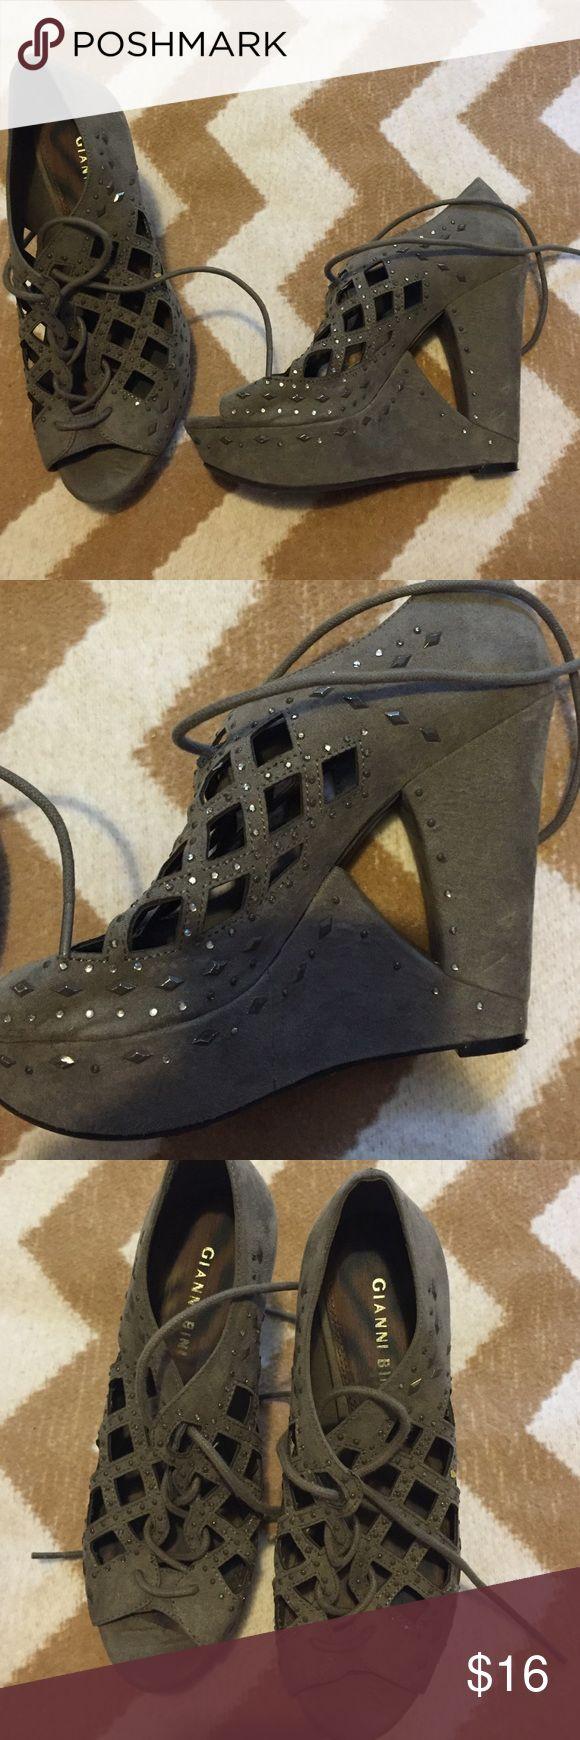 Gianni Bini wedges Good condition Gianni Bini Shoes Heels